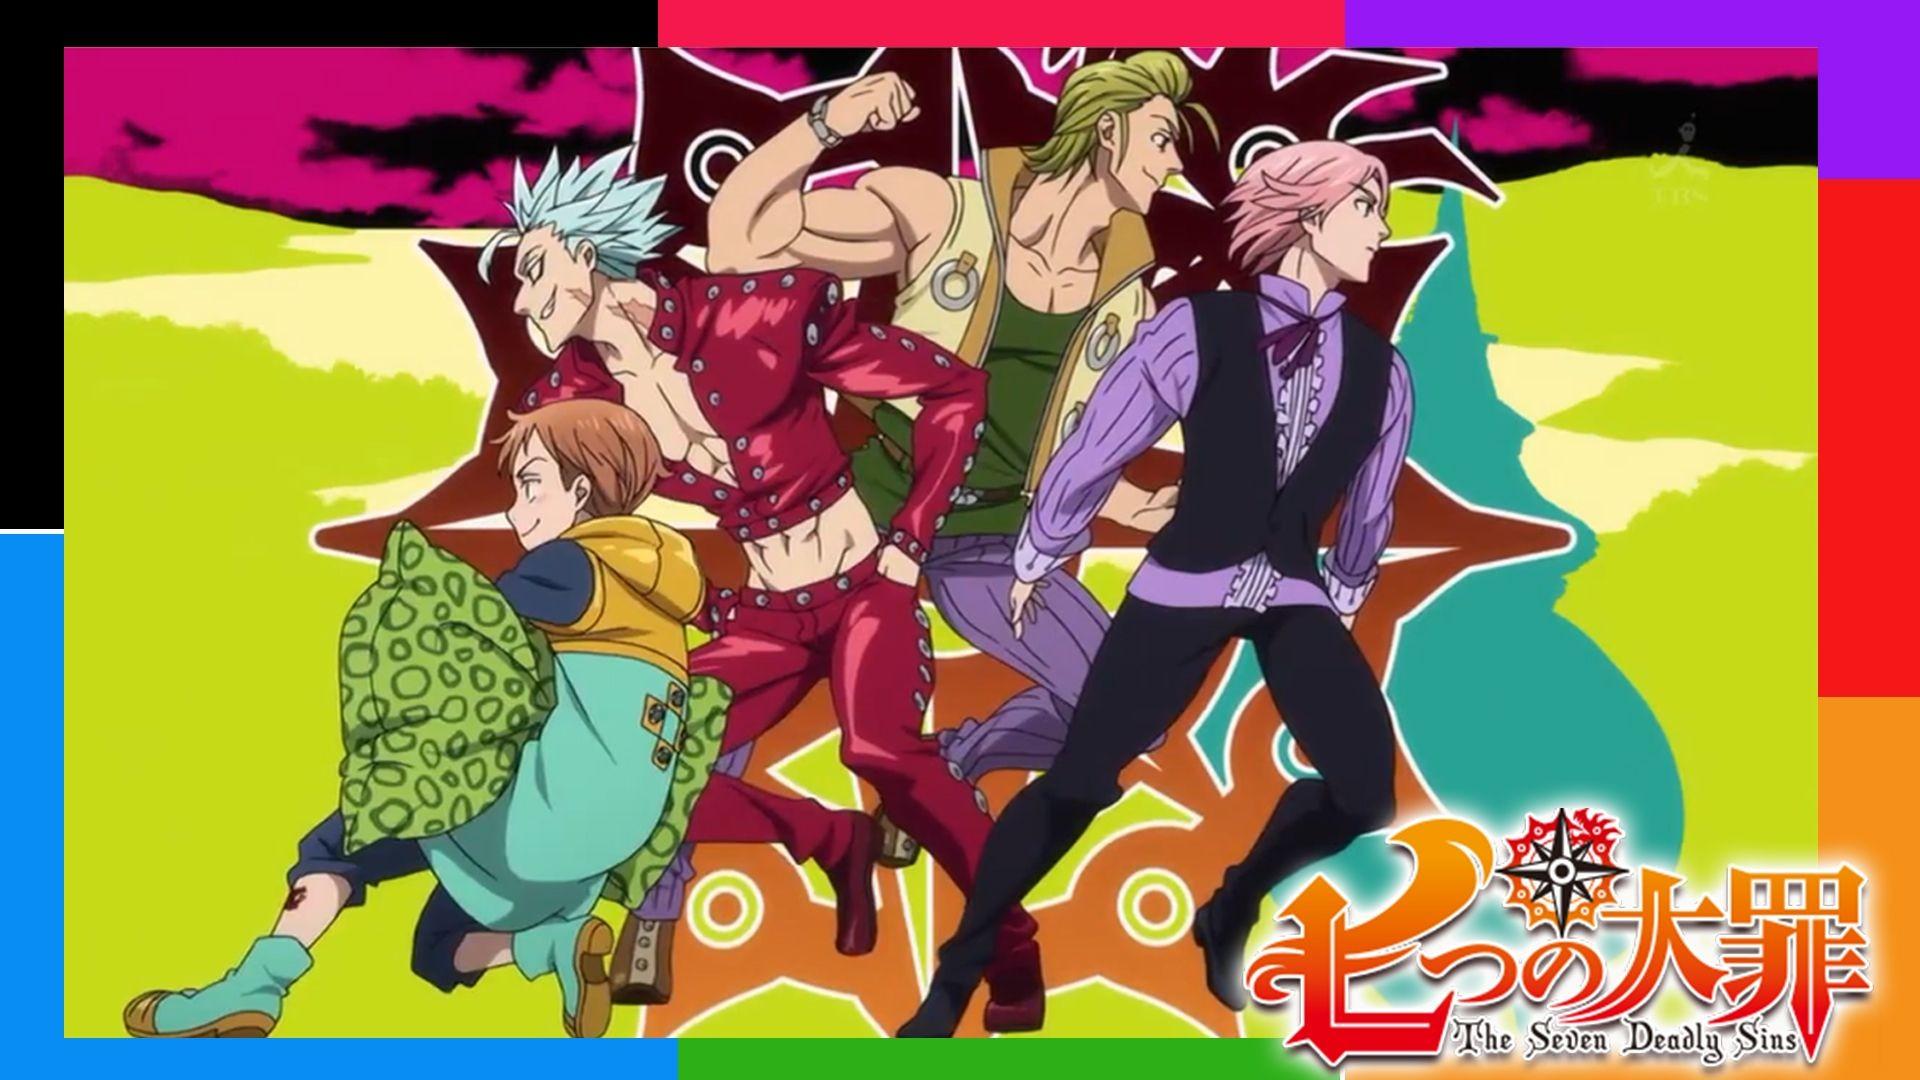 Nanatsu No Taizai Wallpaper Download Free Amazing Full Hd